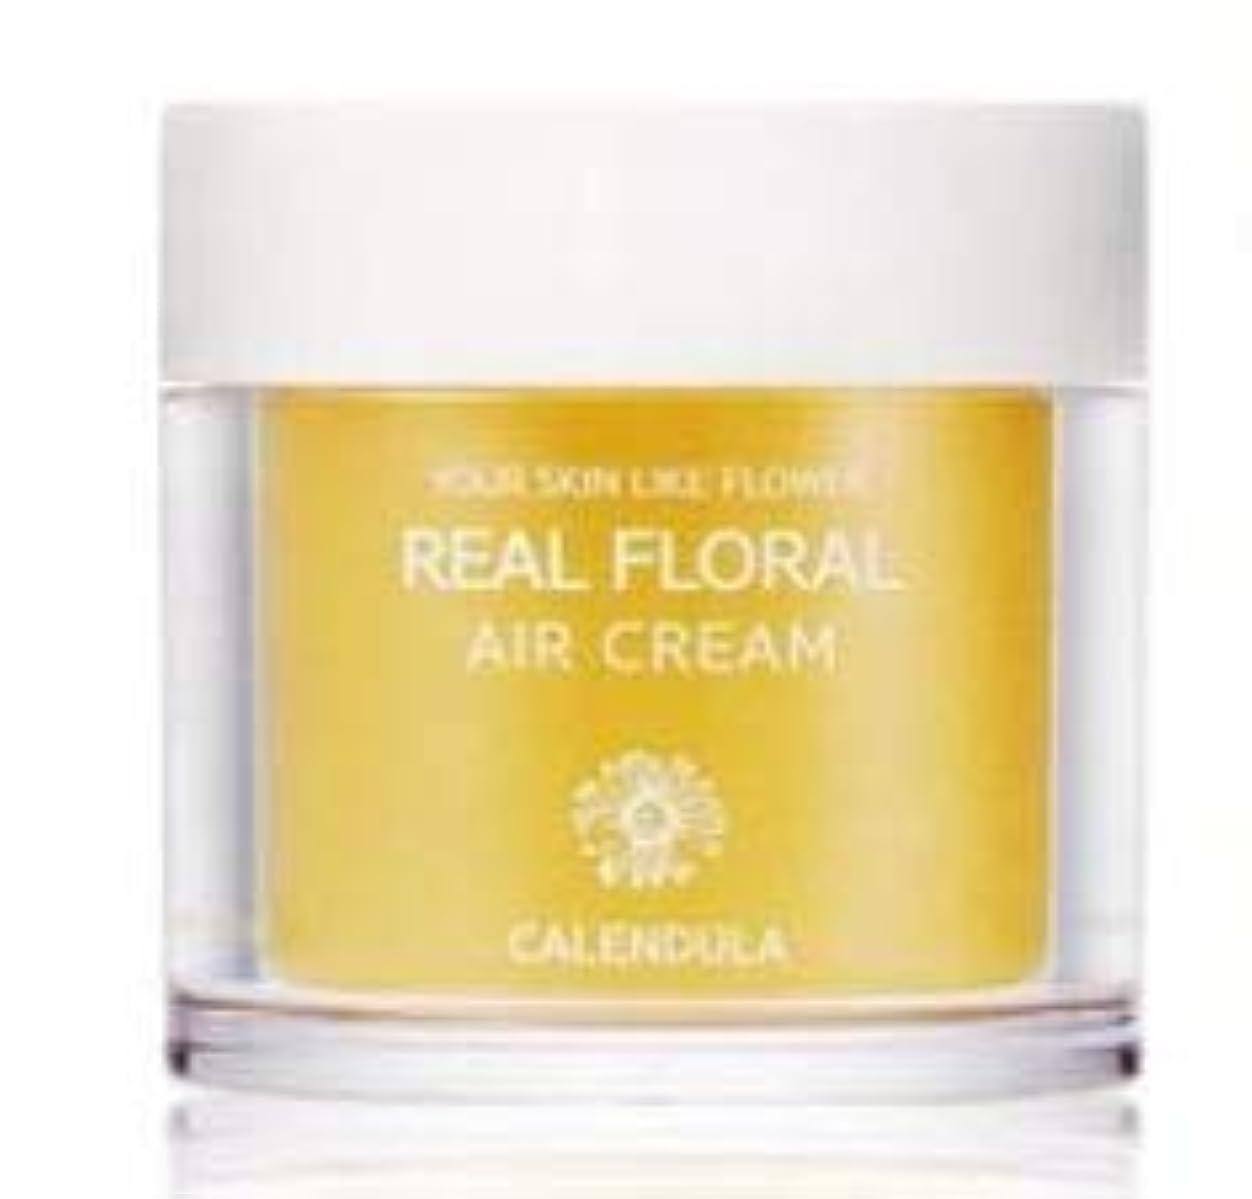 ビルダー有力者接尾辞NATURAL PACIFIC Real Floral Air Cream 100ml (Calendula) /ナチュラルパシフィック リアル カレンデュラ エア クリーム 100ml [並行輸入品]